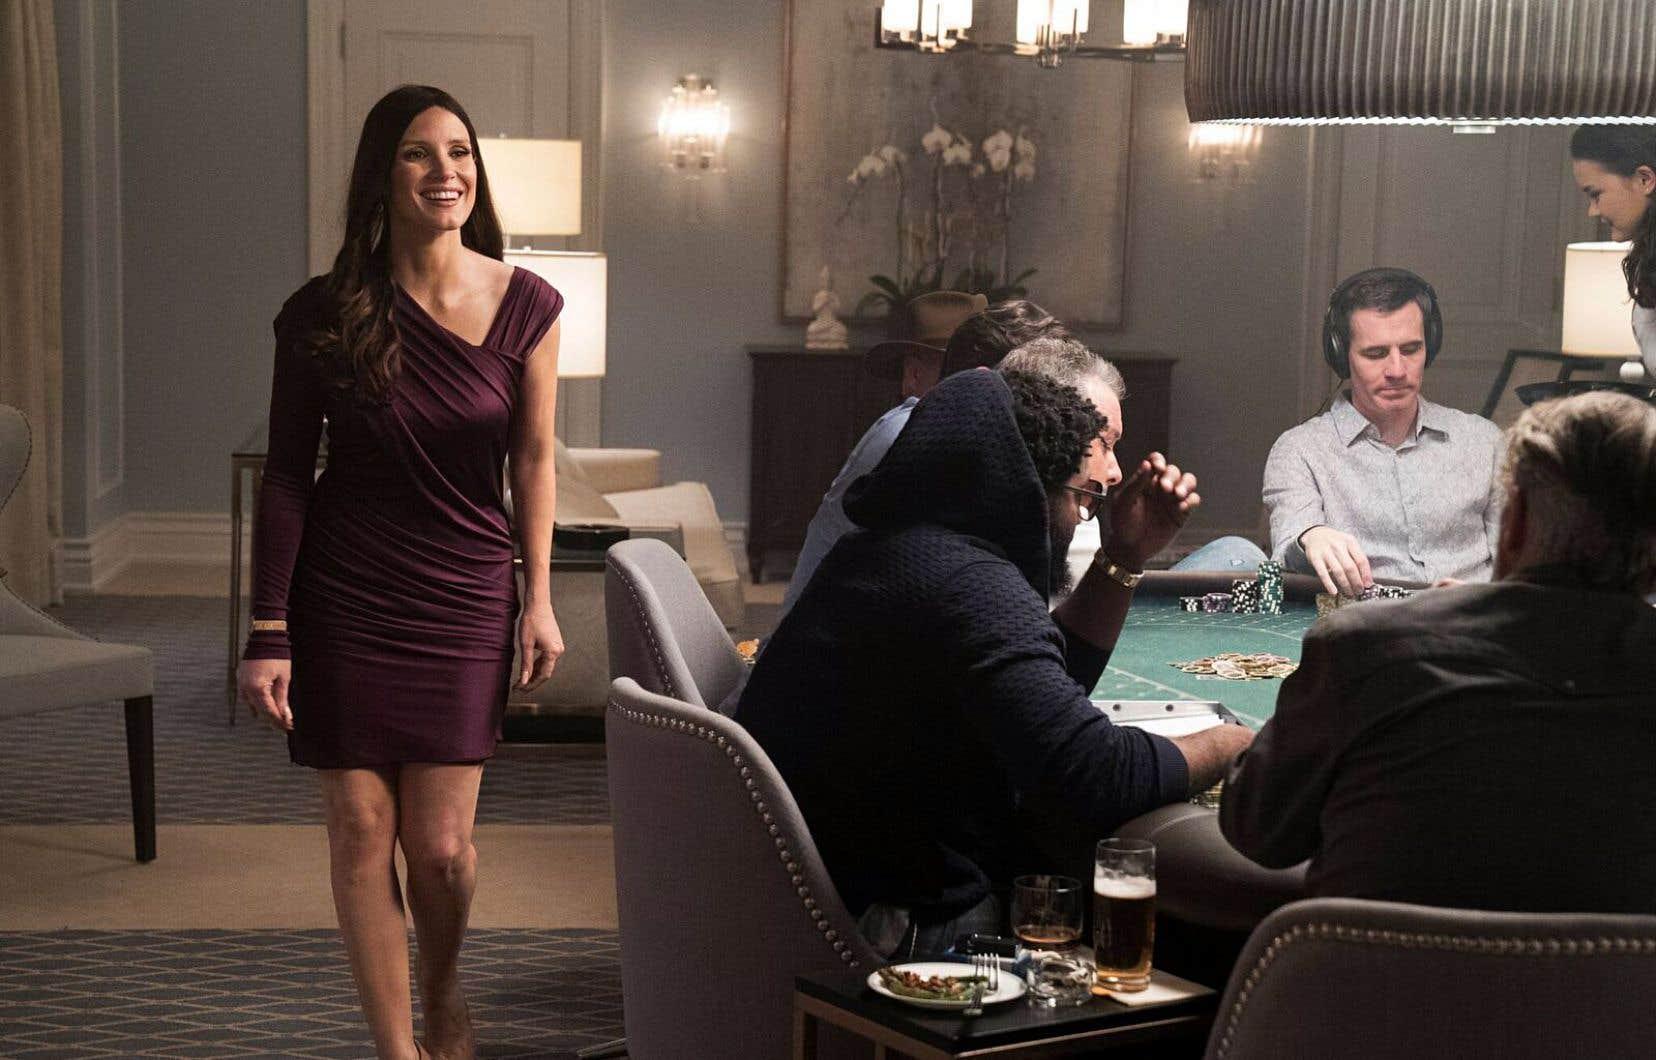 Ancienne skieuse professionnelle, Molly Bloom (Jessica Chastain, qui rehausse l'ensemble de plusieurs crans) mit sur pied le salon de poker le plus exclusif au monde.